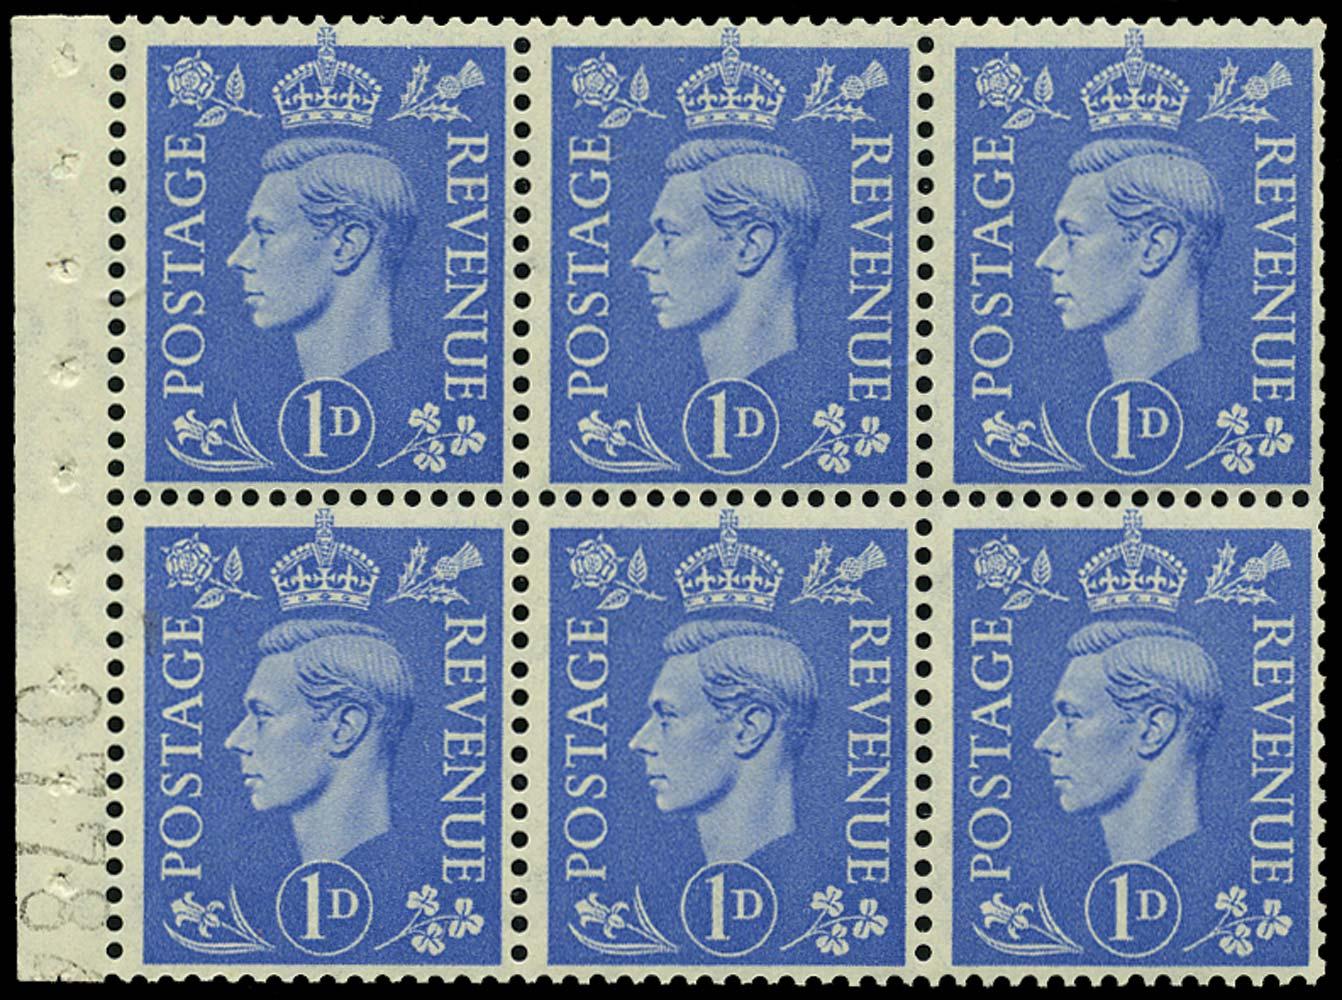 GB 1951  SG504f Booklet pane